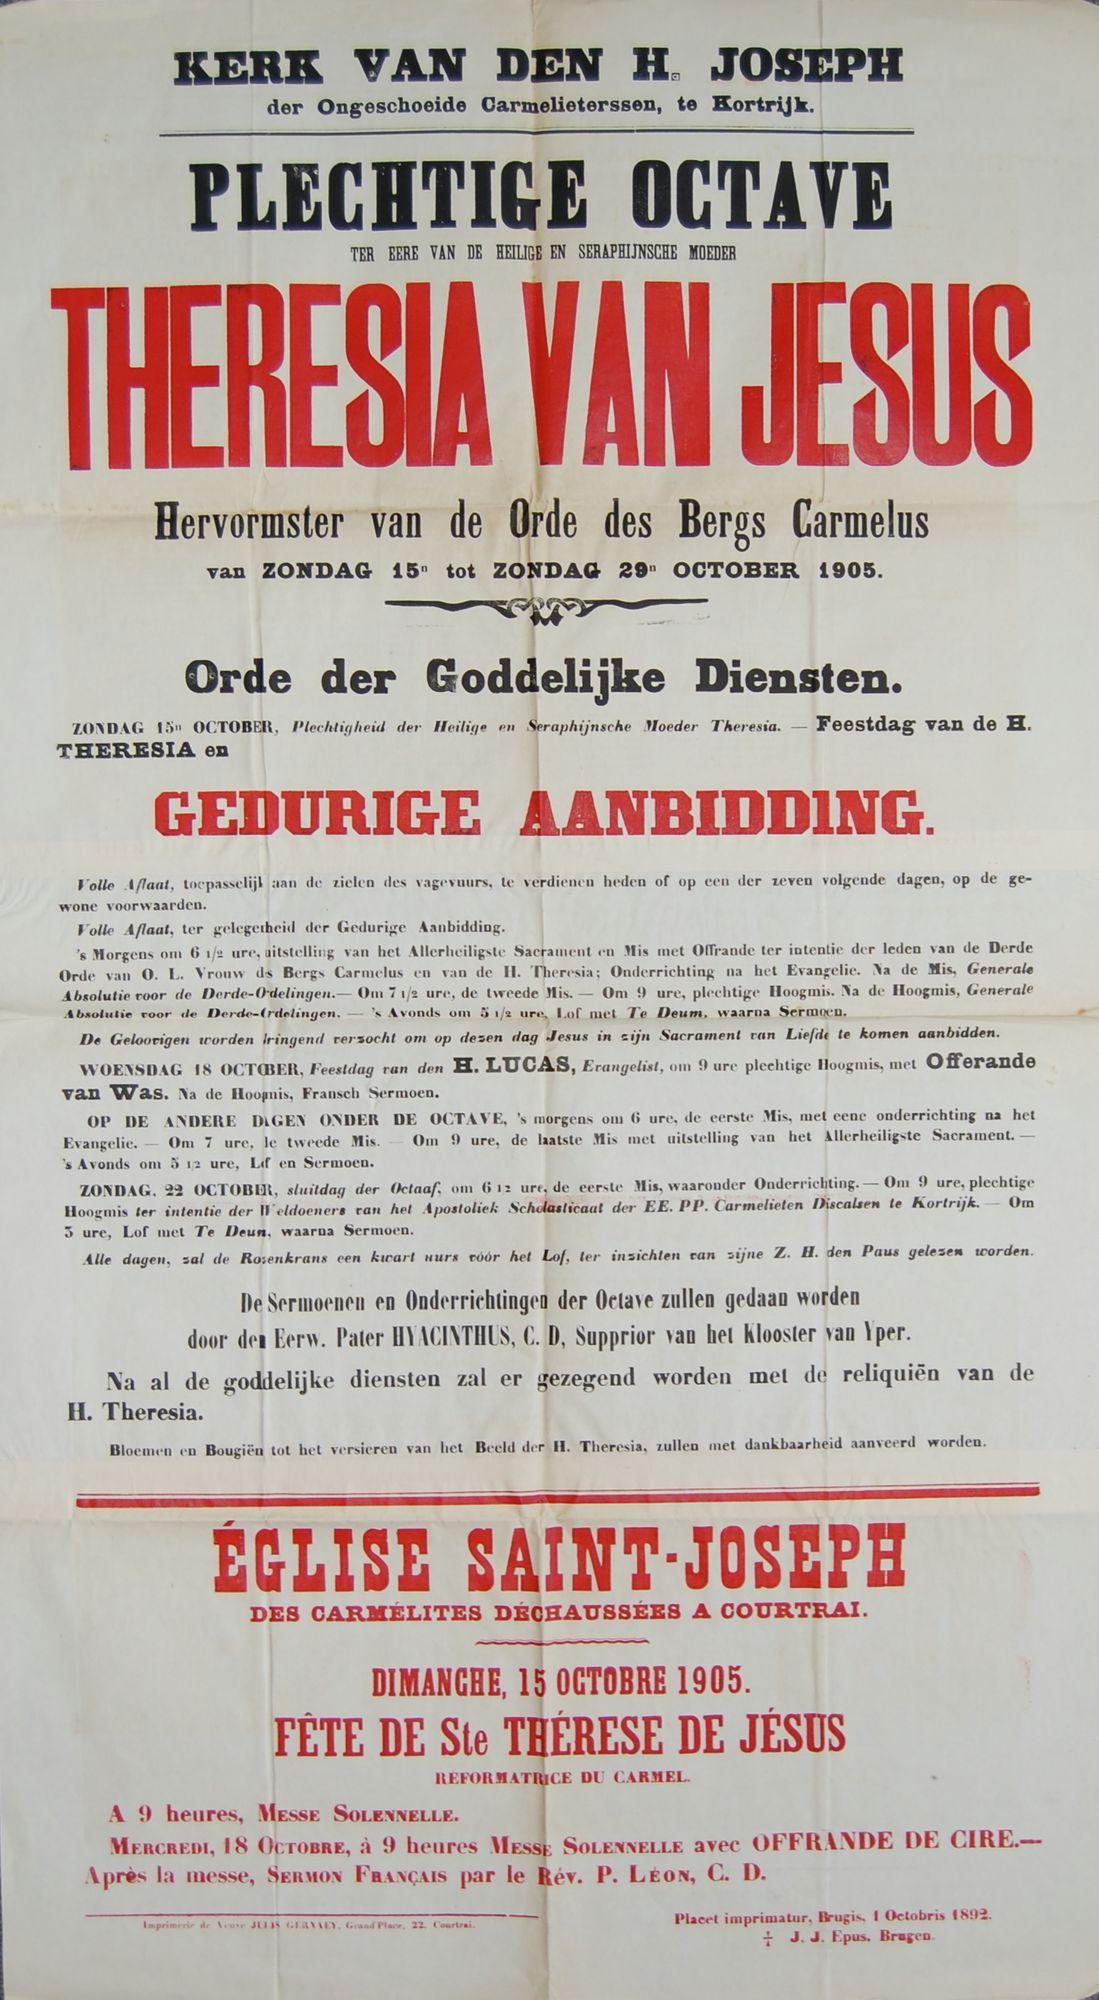 Plechtigheid Sint-Jozefskerk in 1905